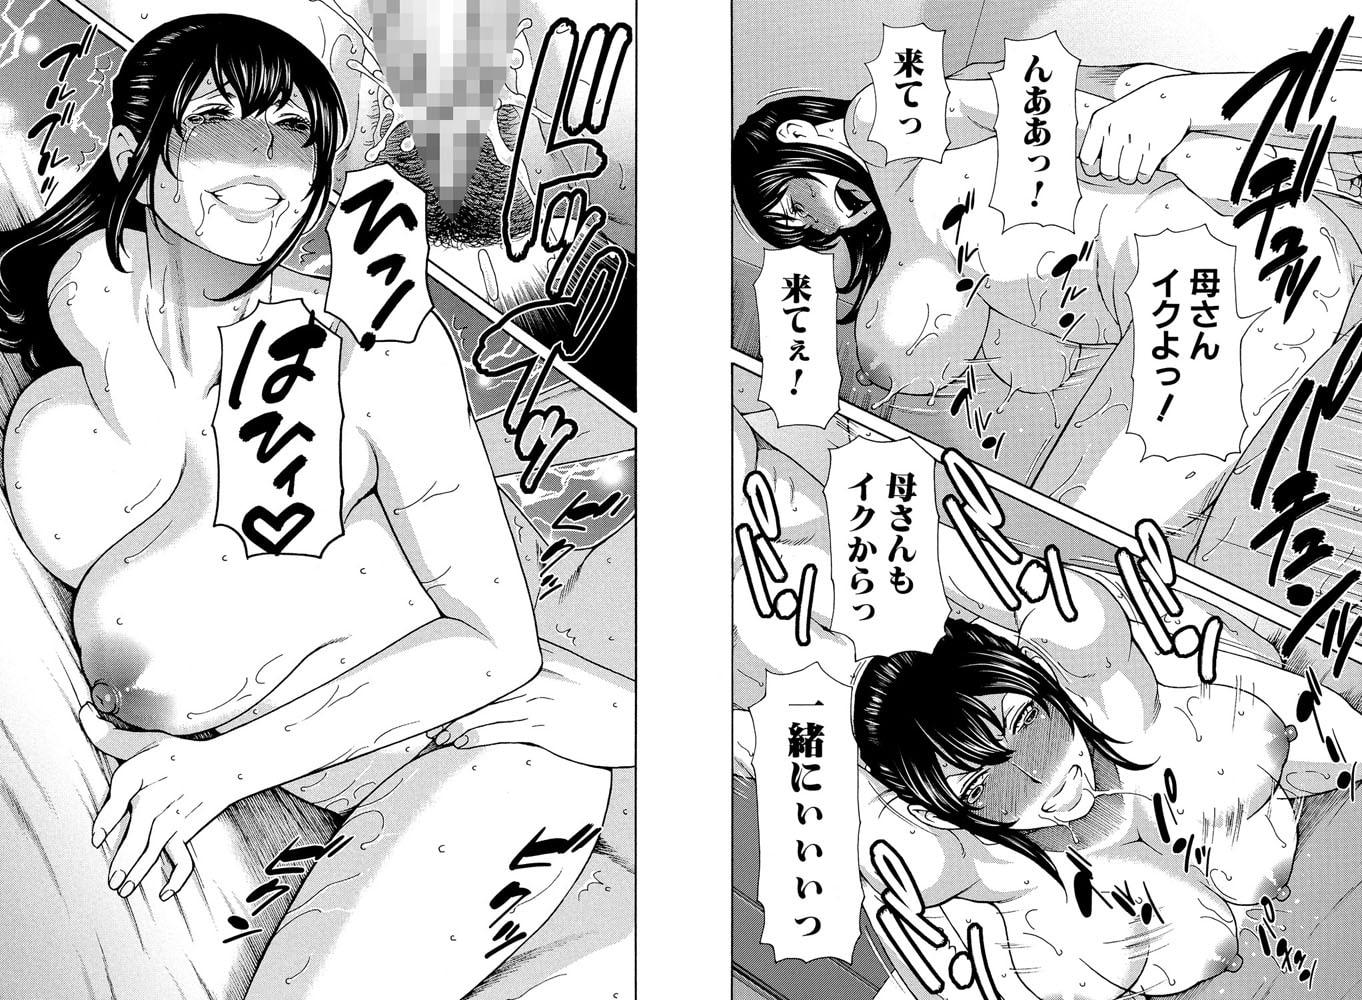 【ティーアイネット】タカスギコウ先生 2冊パック(202005)